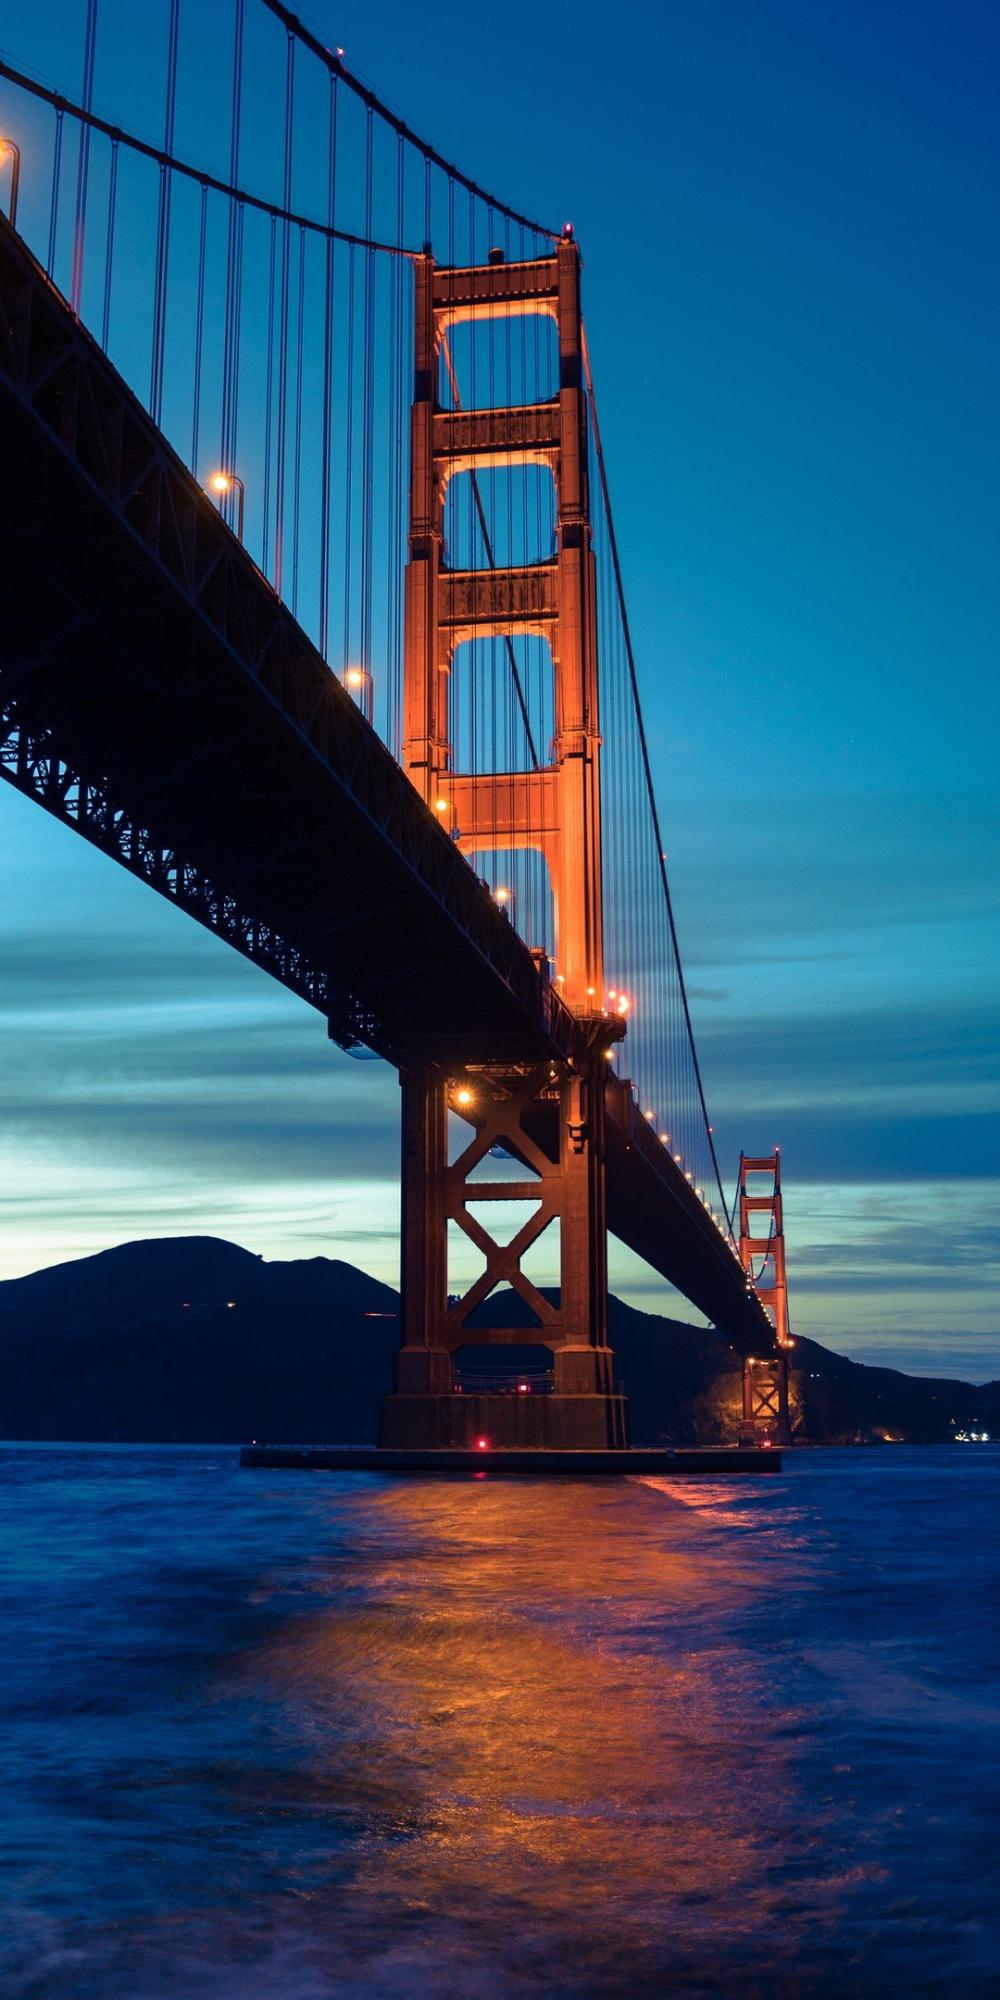 Ultra Hd Iphone Wallpapers Bridge Sea Landscape 6wallpaper Wallpaprs Background Iphone Iphone11 Ip San Francisco Wallpaper Landscape Visit San Francisco